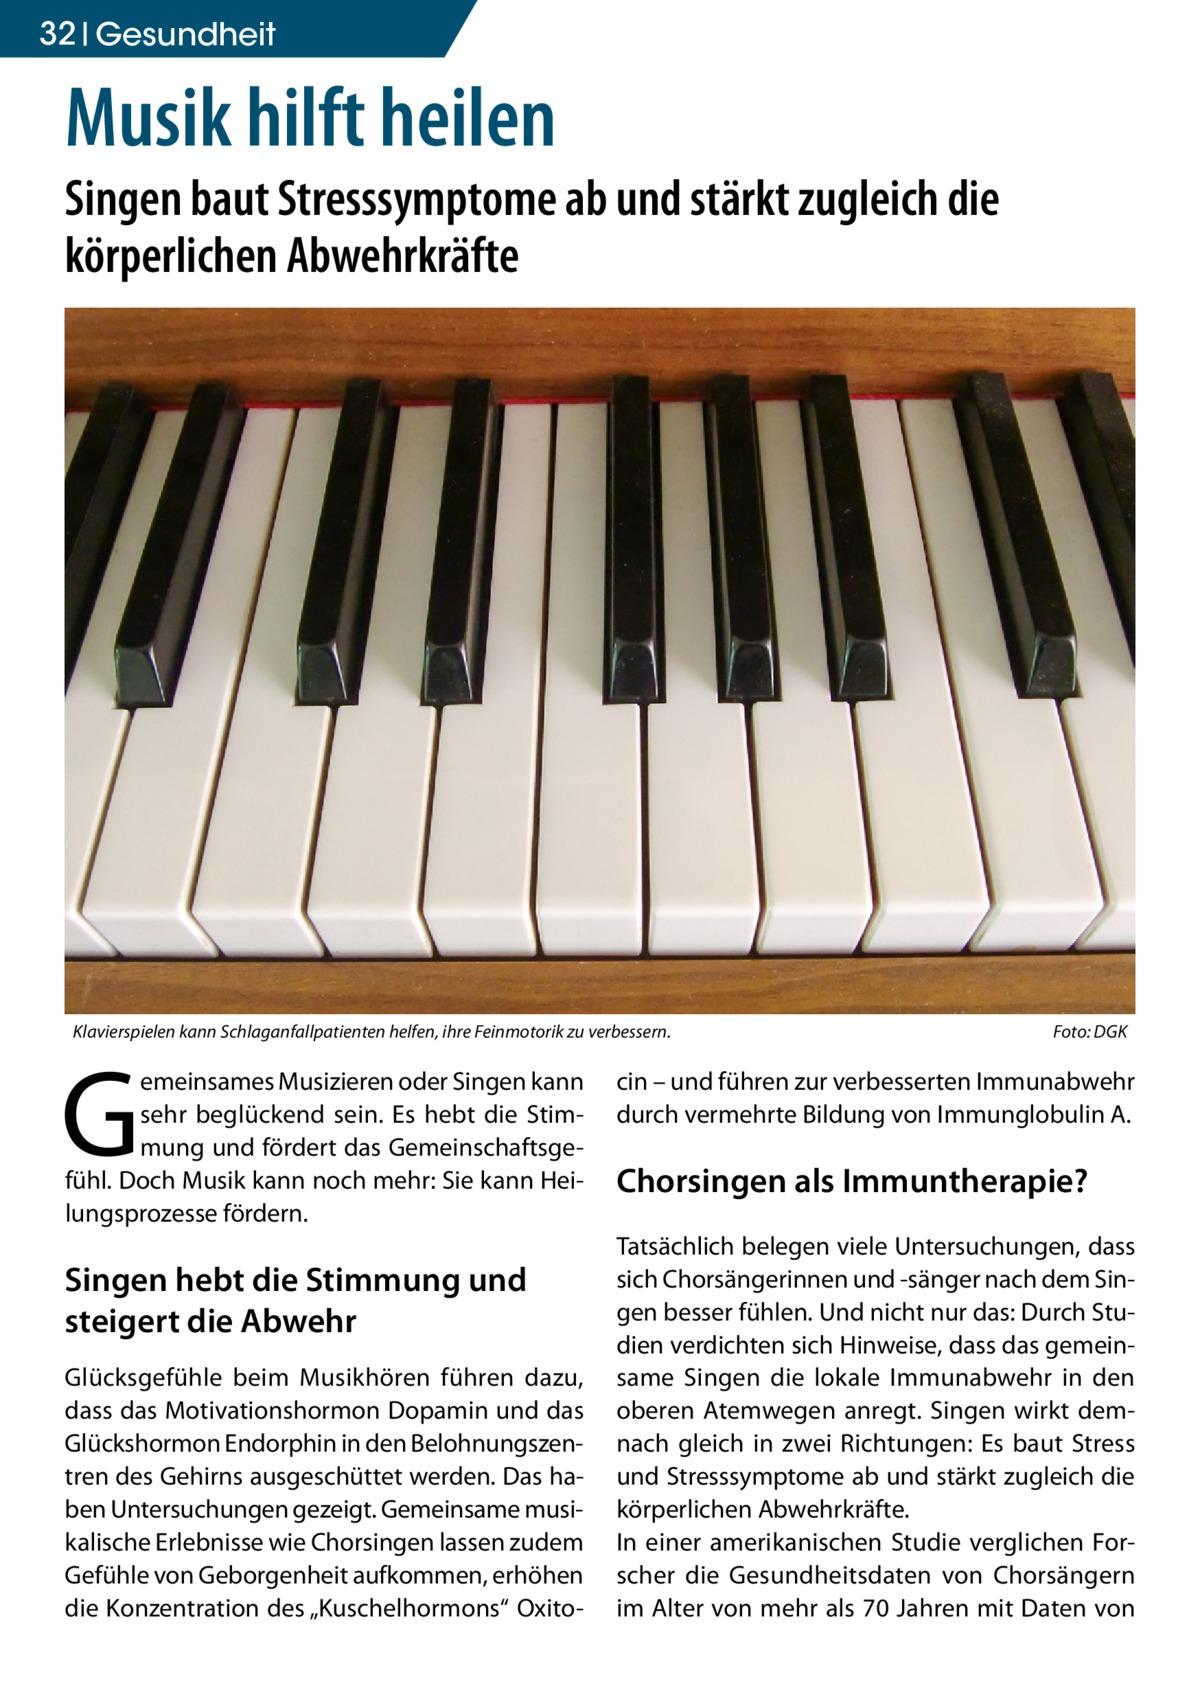 """32 Gesundheit  Musik hilft heilen  Singen baut Stresssymptome ab und stärkt zugleich die körperlichen Abwehrkräfte  Klavierspielen kann Schlaganfallpatienten helfen, ihre Feinmotorik zu verbessern.�  G  emeinsames Musizieren oder Singen kann sehr beglückend sein. Es hebt die Stimmung und fördert das Gemeinschaftsgefühl. Doch Musik kann noch mehr: Sie kann Heilungsprozesse fördern.  Singen hebt die Stimmung und steigert die Abwehr Glücksgefühle beim Musikhören führen dazu, dass das Motivationshormon Dopamin und das Glückshormon Endorphin in den Belohnungszentren des Gehirns ausgeschüttet werden. Das haben Untersuchungen gezeigt. Gemeinsame musikalische Erlebnisse wie Chorsingen lassen zudem Gefühle von Geborgenheit aufkommen, erhöhen die Konzentration des """"Kuschelhormons"""" Oxito Foto: DGK  cin – und führen zur verbesserten Immunabwehr durch vermehrte Bildung von Immunglobulin A.  Chorsingen als Immuntherapie? Tatsächlich belegen viele Untersuchungen, dass sich Chorsängerinnen und -sänger nach dem Singen besser fühlen. Und nicht nur das: Durch Studien verdichten sich Hinweise, dass das gemeinsame Singen die lokale Immunabwehr in den oberen Atemwegen anregt. Singen wirkt demnach gleich in zwei Richtungen: Es baut Stress und Stresssymptome ab und stärkt zugleich die körperlichen Abwehrkräfte. In einer amerikanischen Studie verglichen Forscher die Gesundheitsdaten von Chorsängern im Alter von mehr als 70 Jahren mit Daten von"""